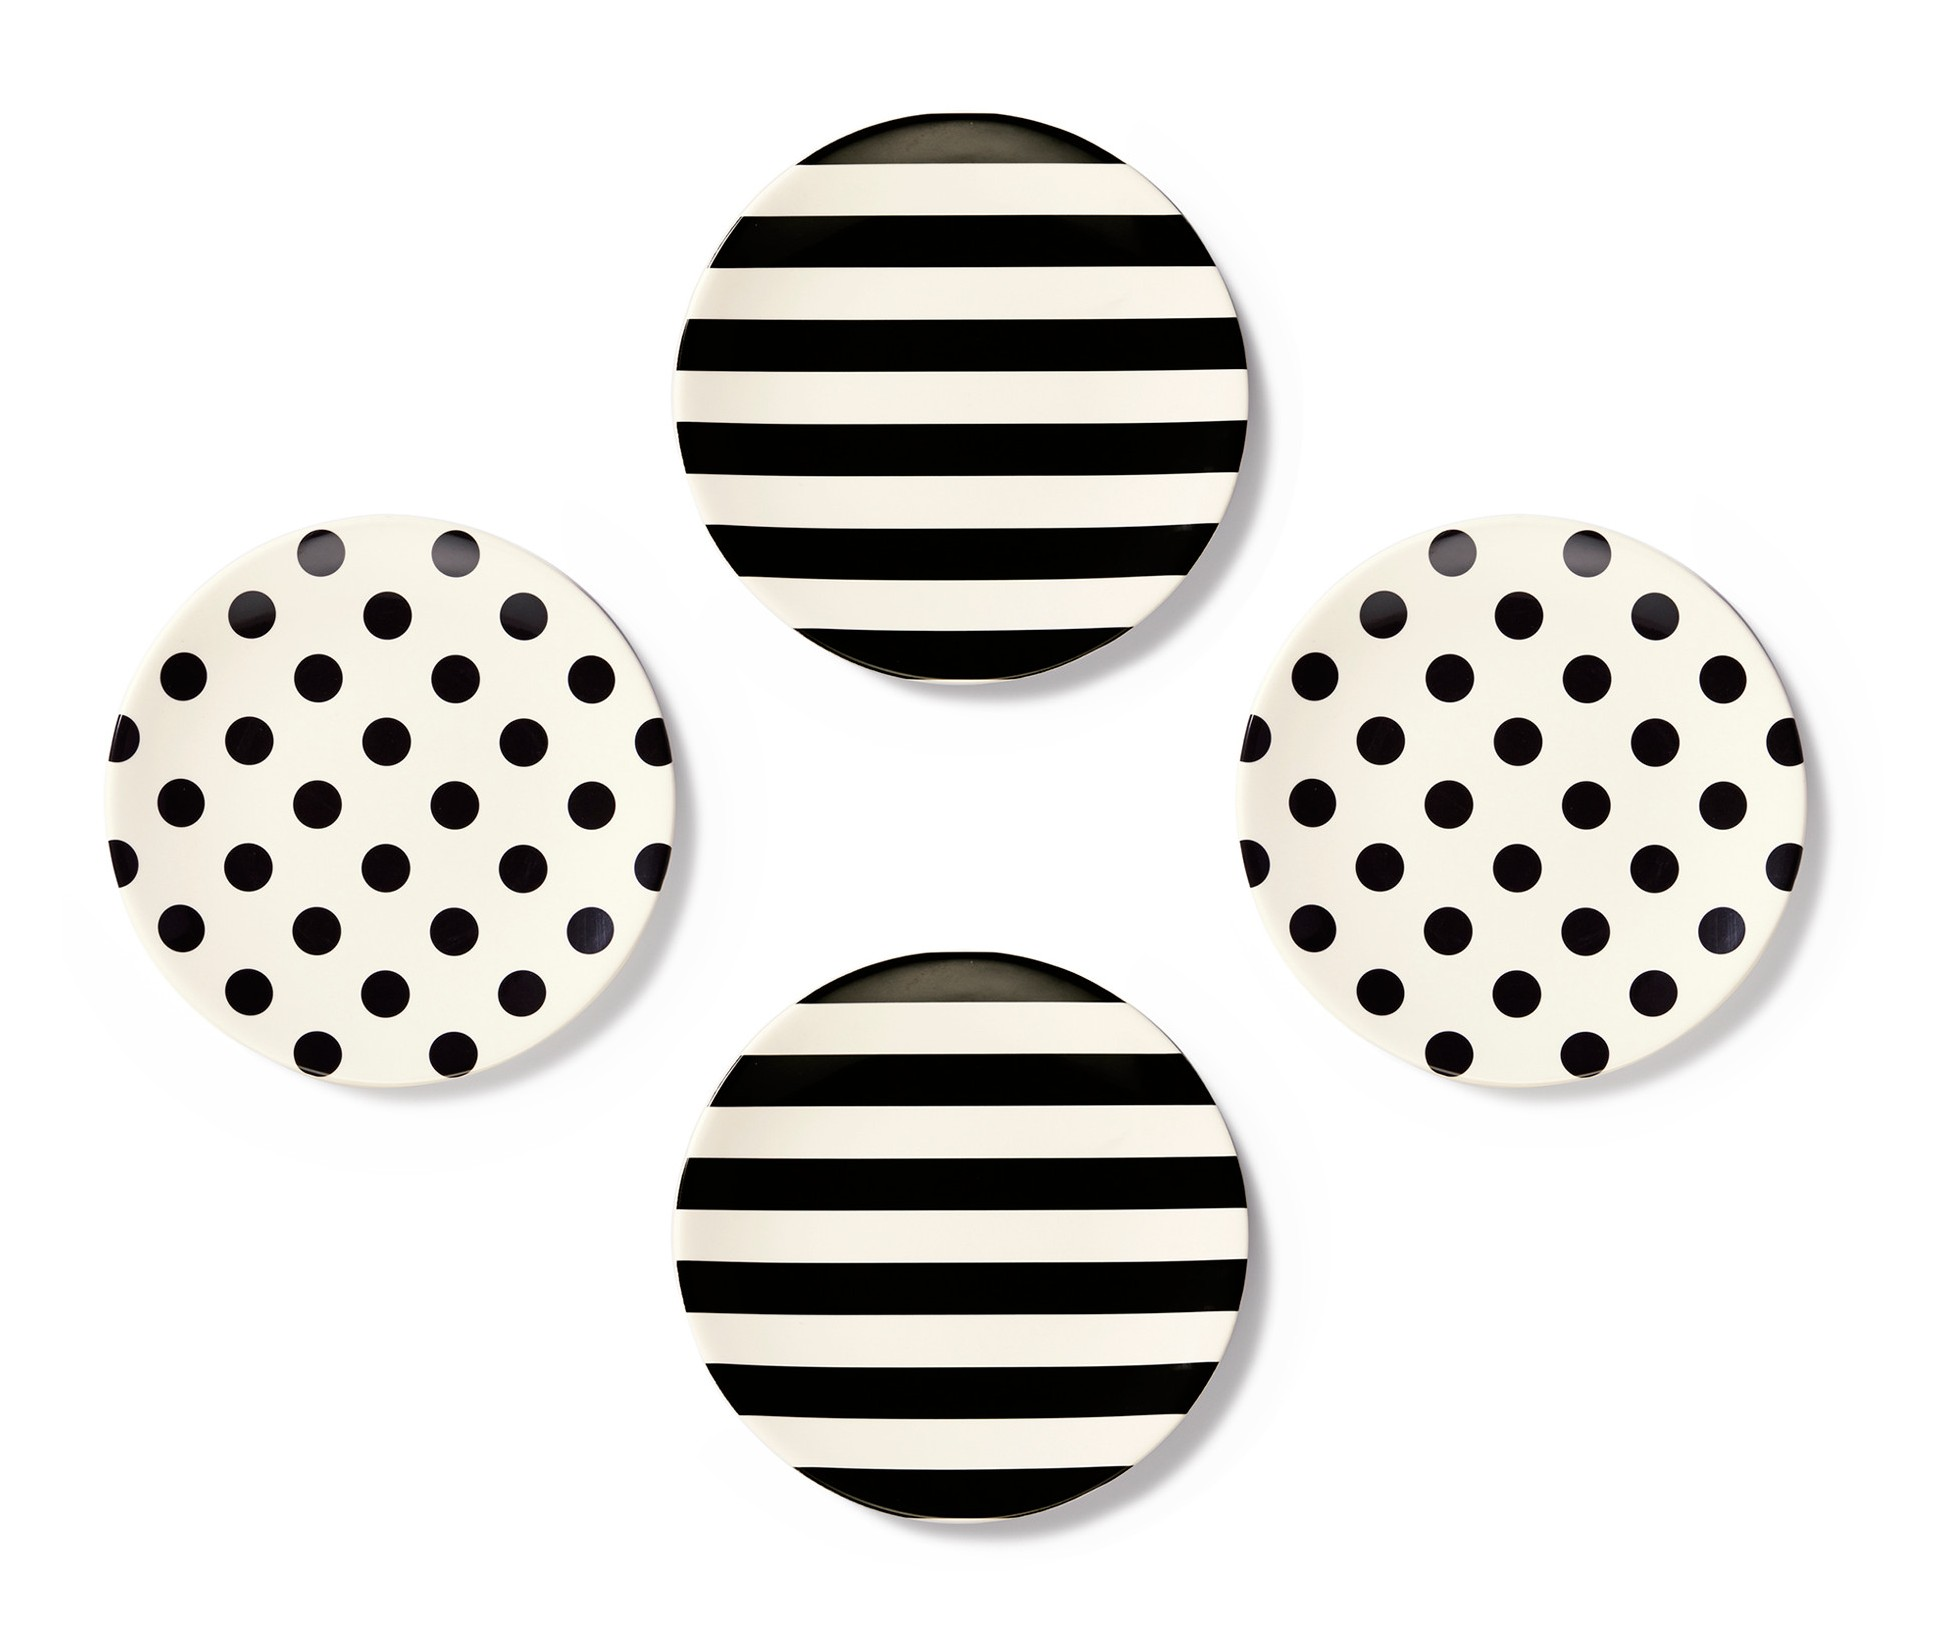 Kate-Spade-Tid-bits-Black-White-Melamine-Plates-  sc 1 st  Cococozy & 11 Melamine Plates | COCOCOZY